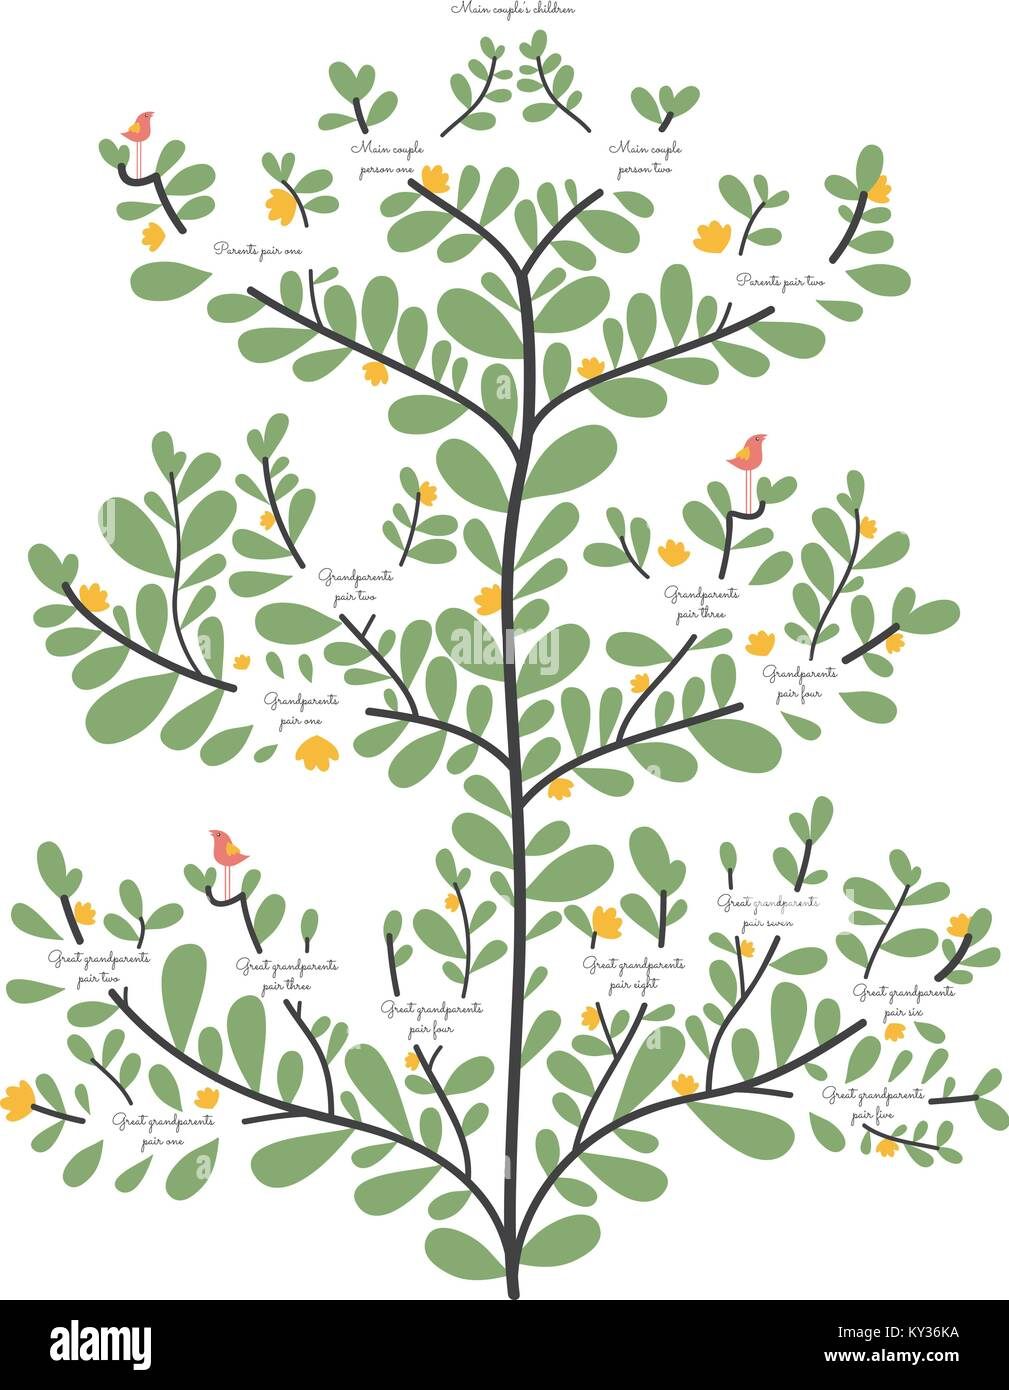 Family Tree, Abstammung Linie elegante organische Illustrierte vector Template Stockbild